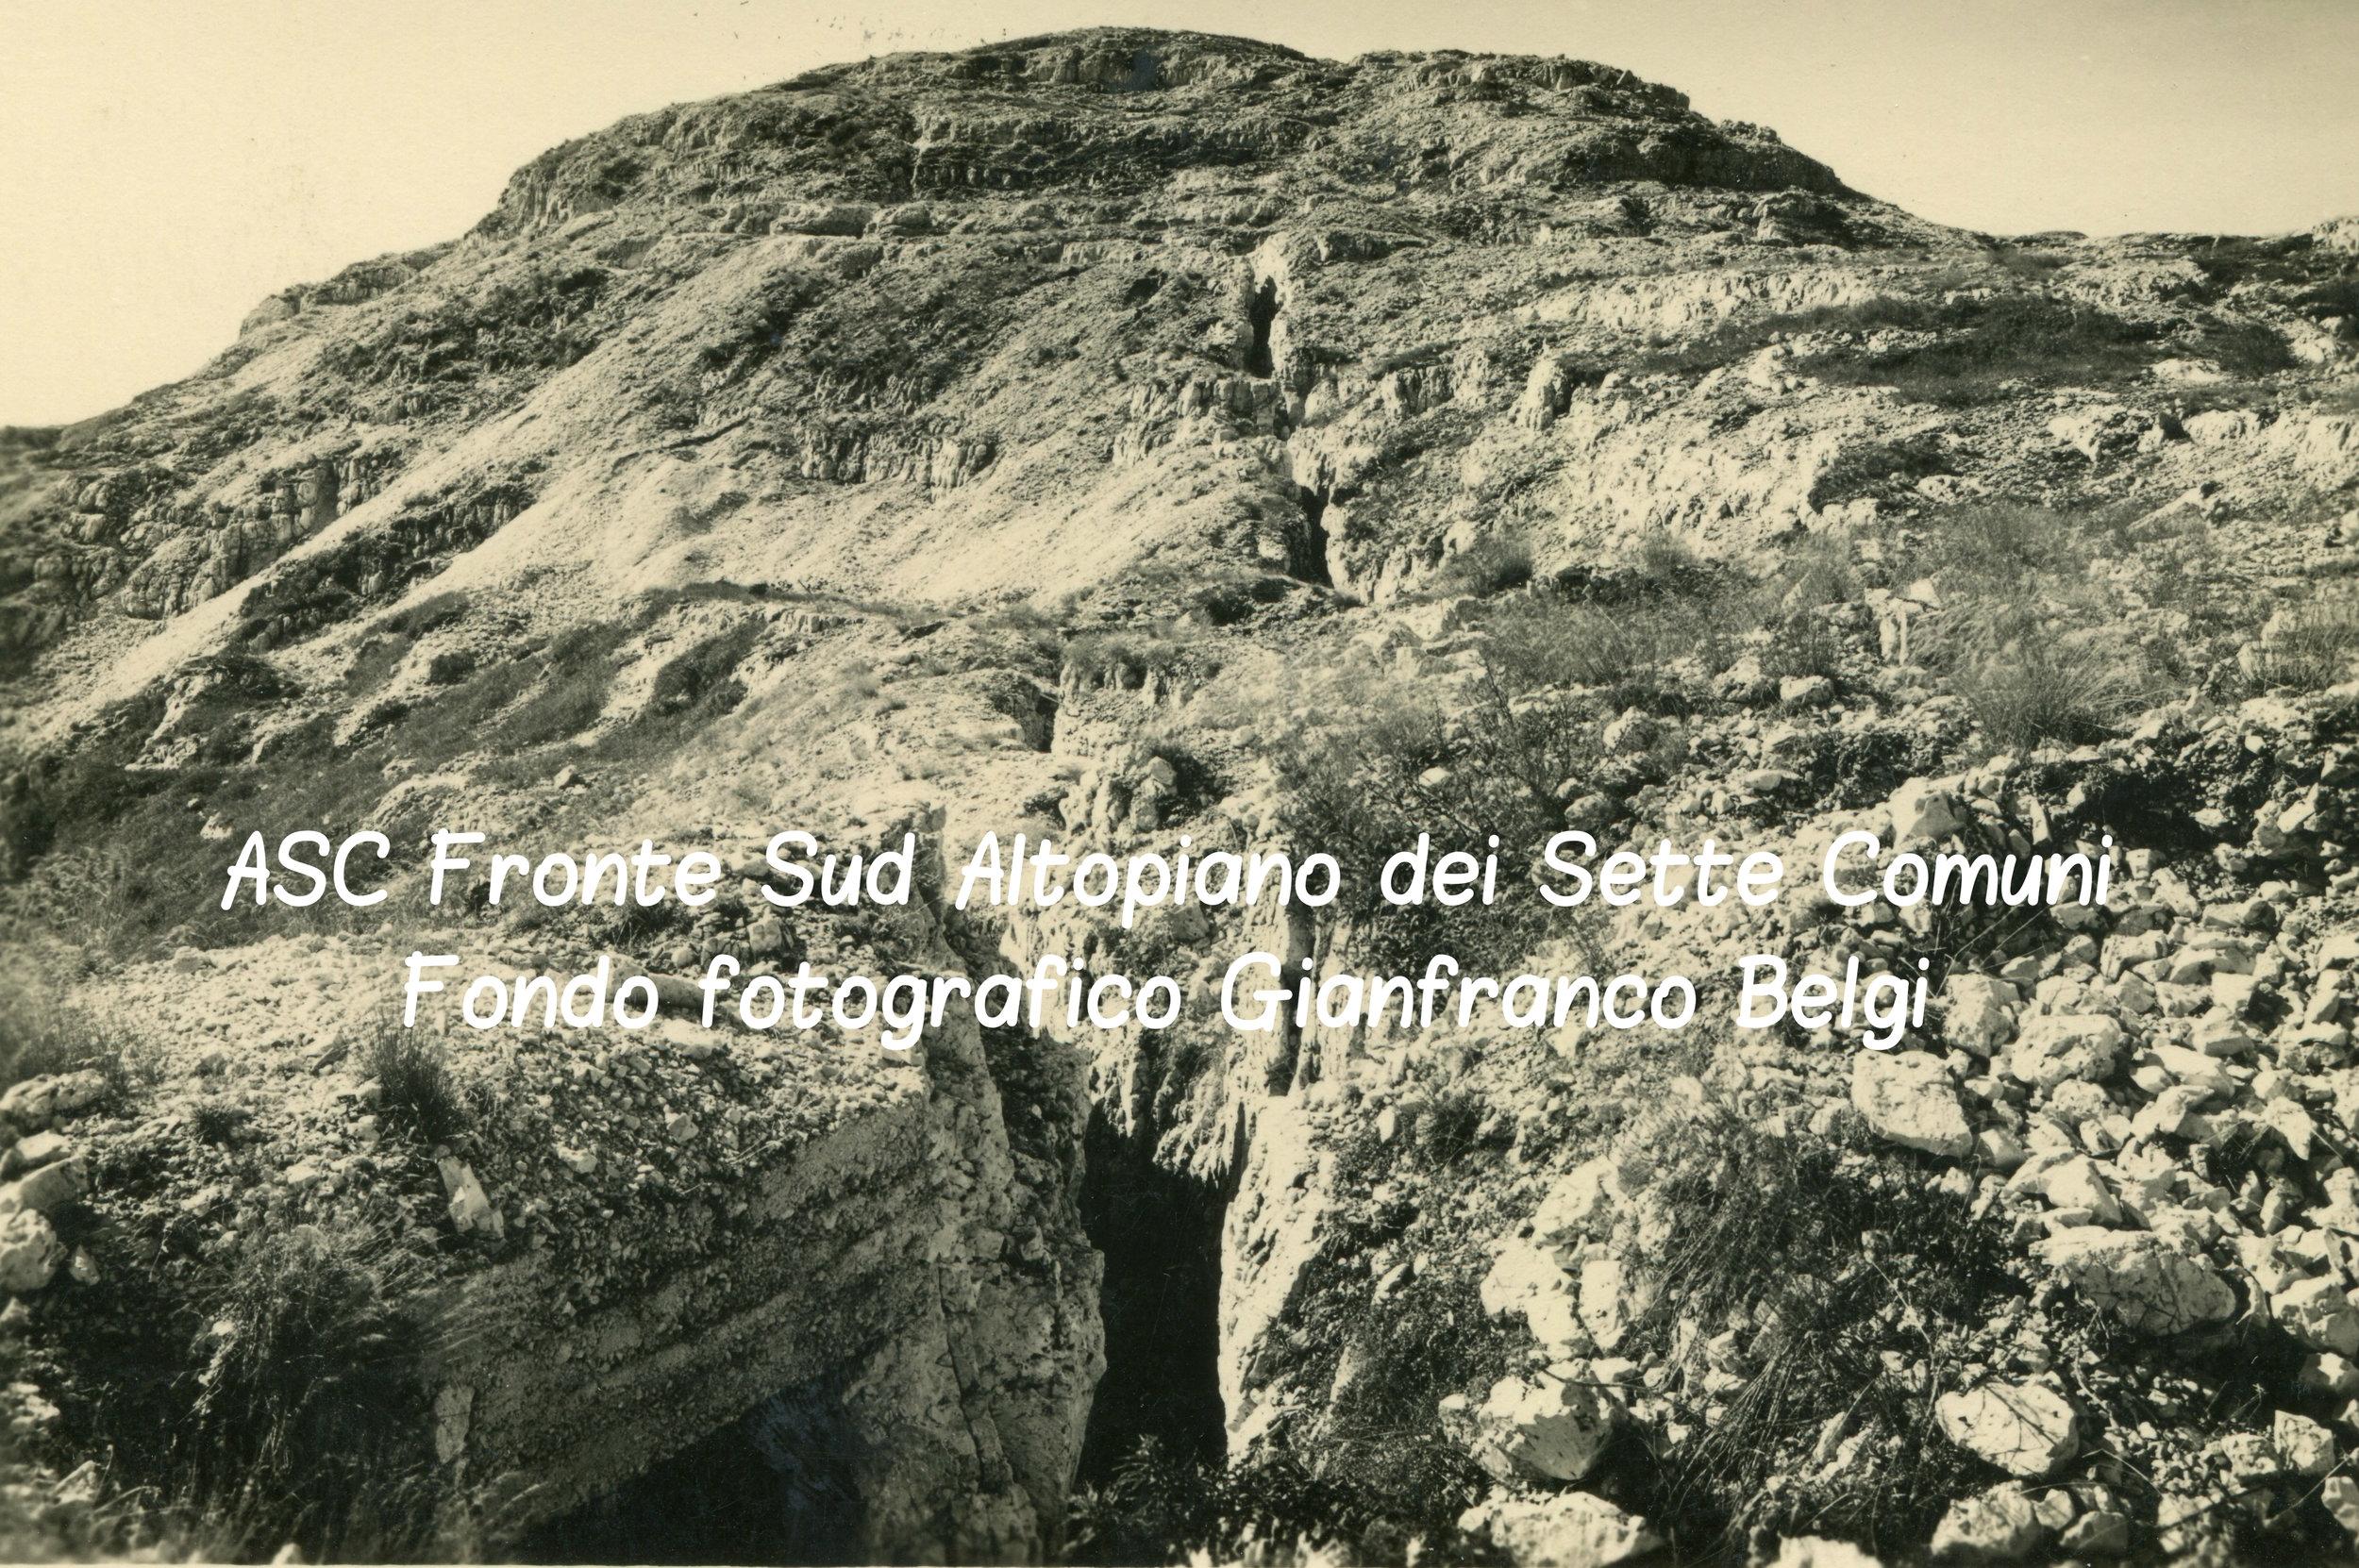 Profonde trincee sulle pendici dell'Ortigara, nella parte settentrionale dell'Altopiano di Asiago: il terreno ètotalmente sconvolto dai bombardamenti delle artiglierie